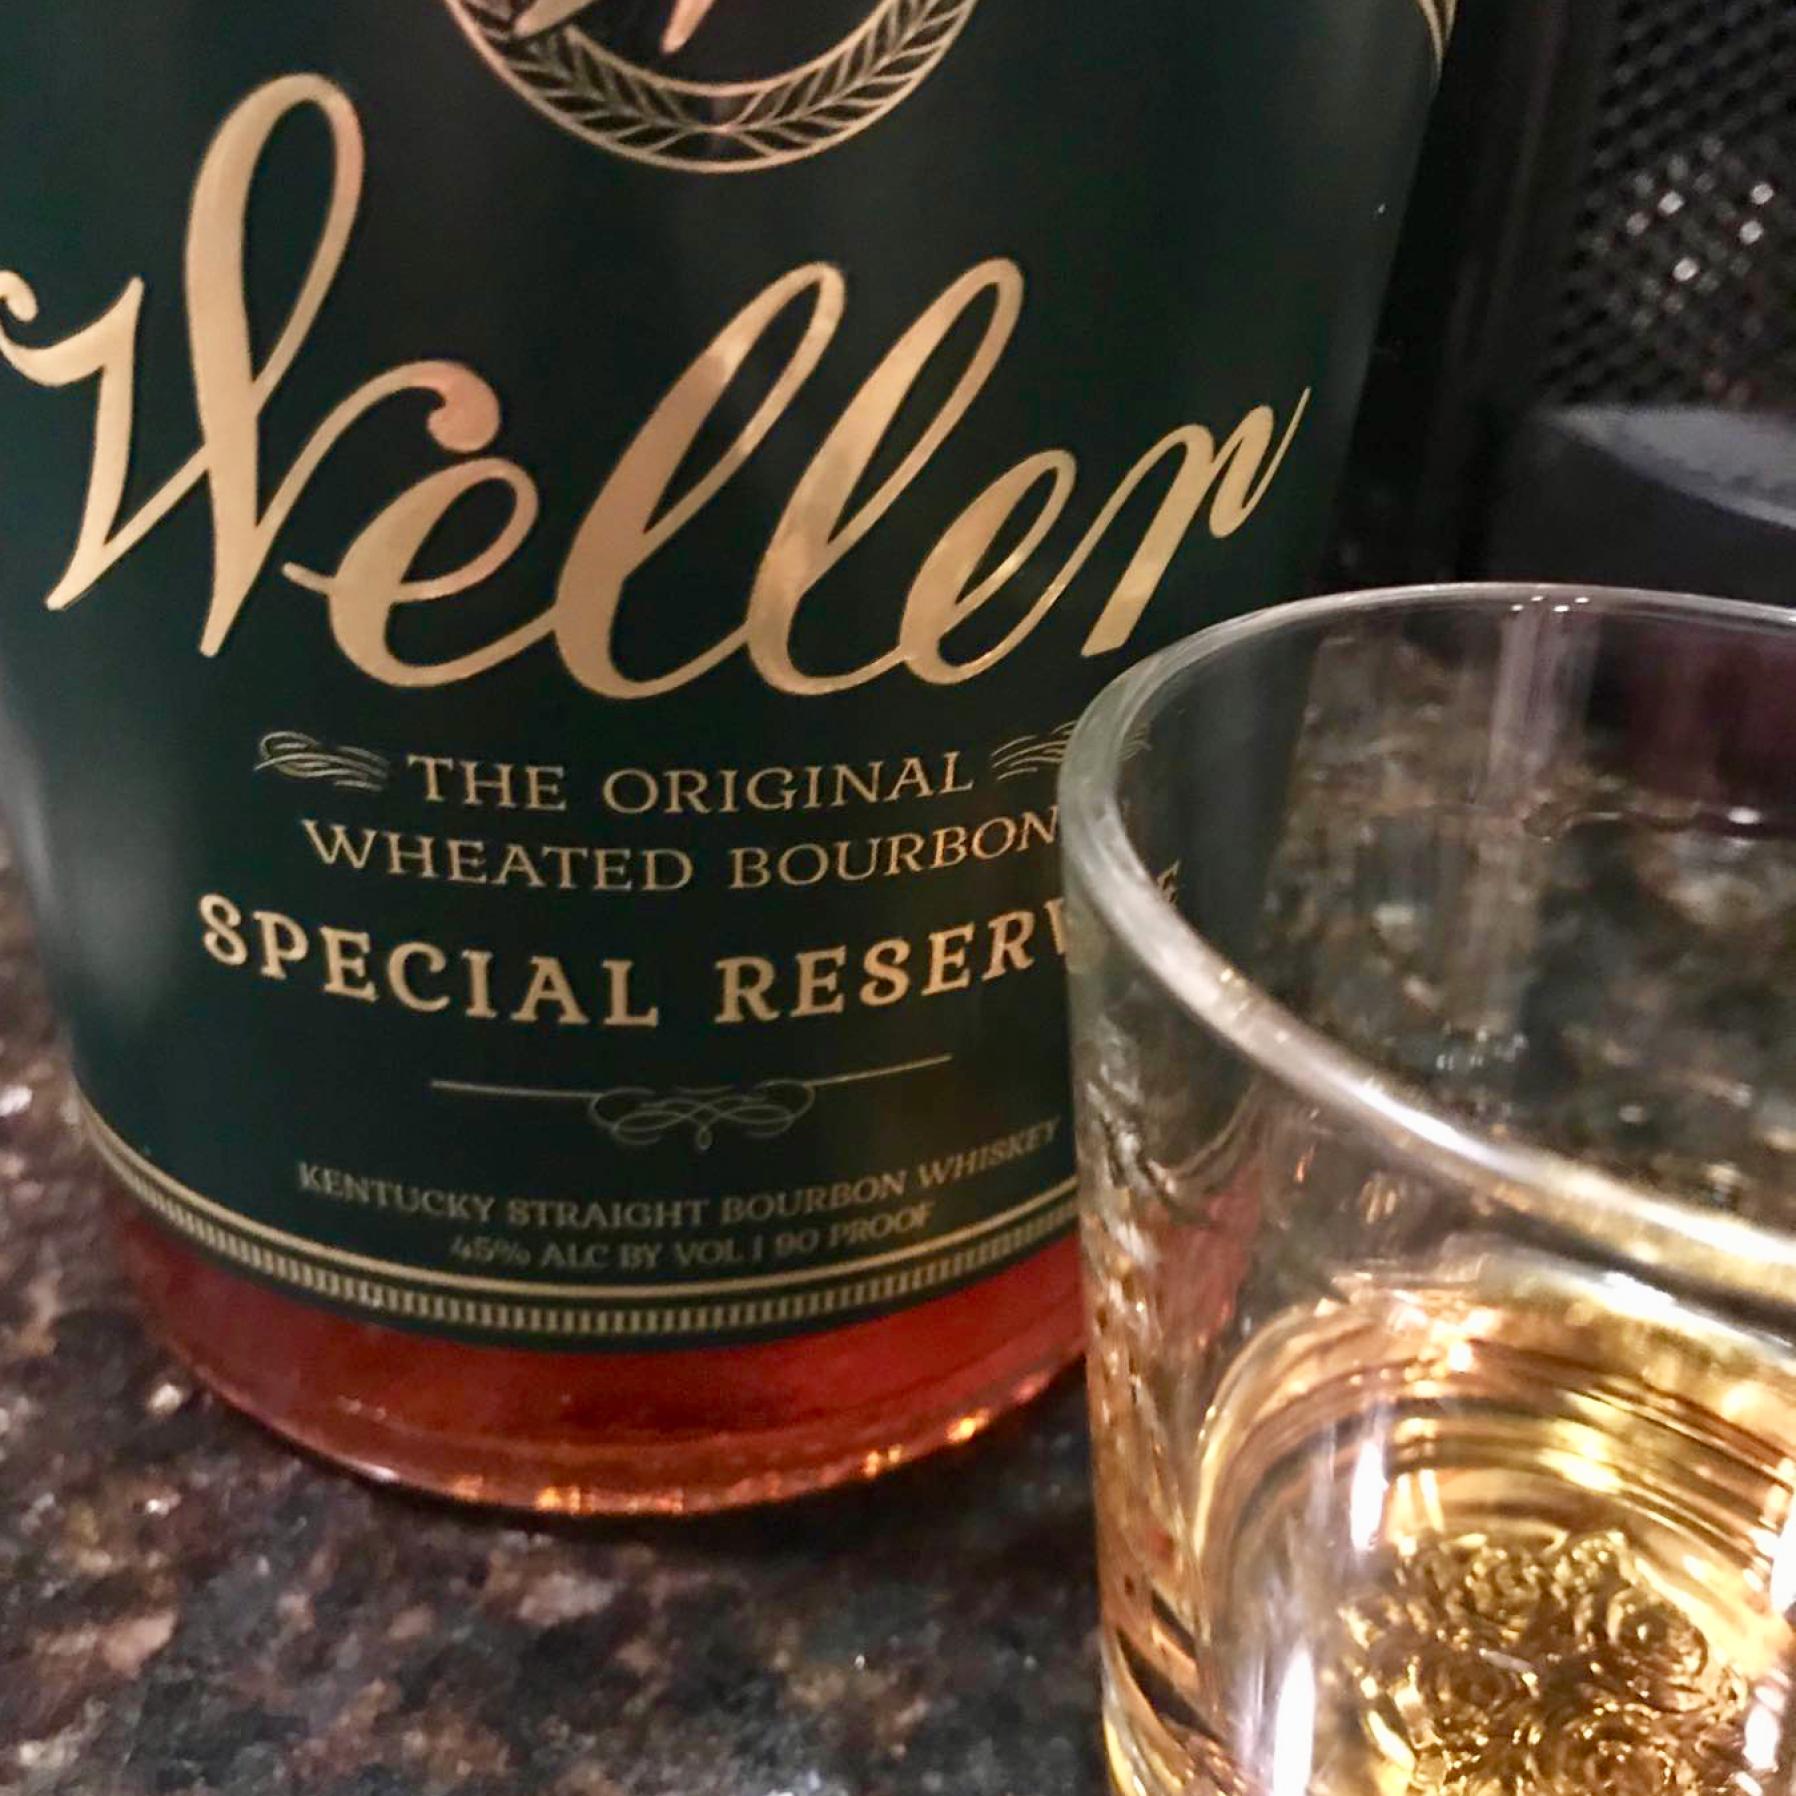 WL Weller.png